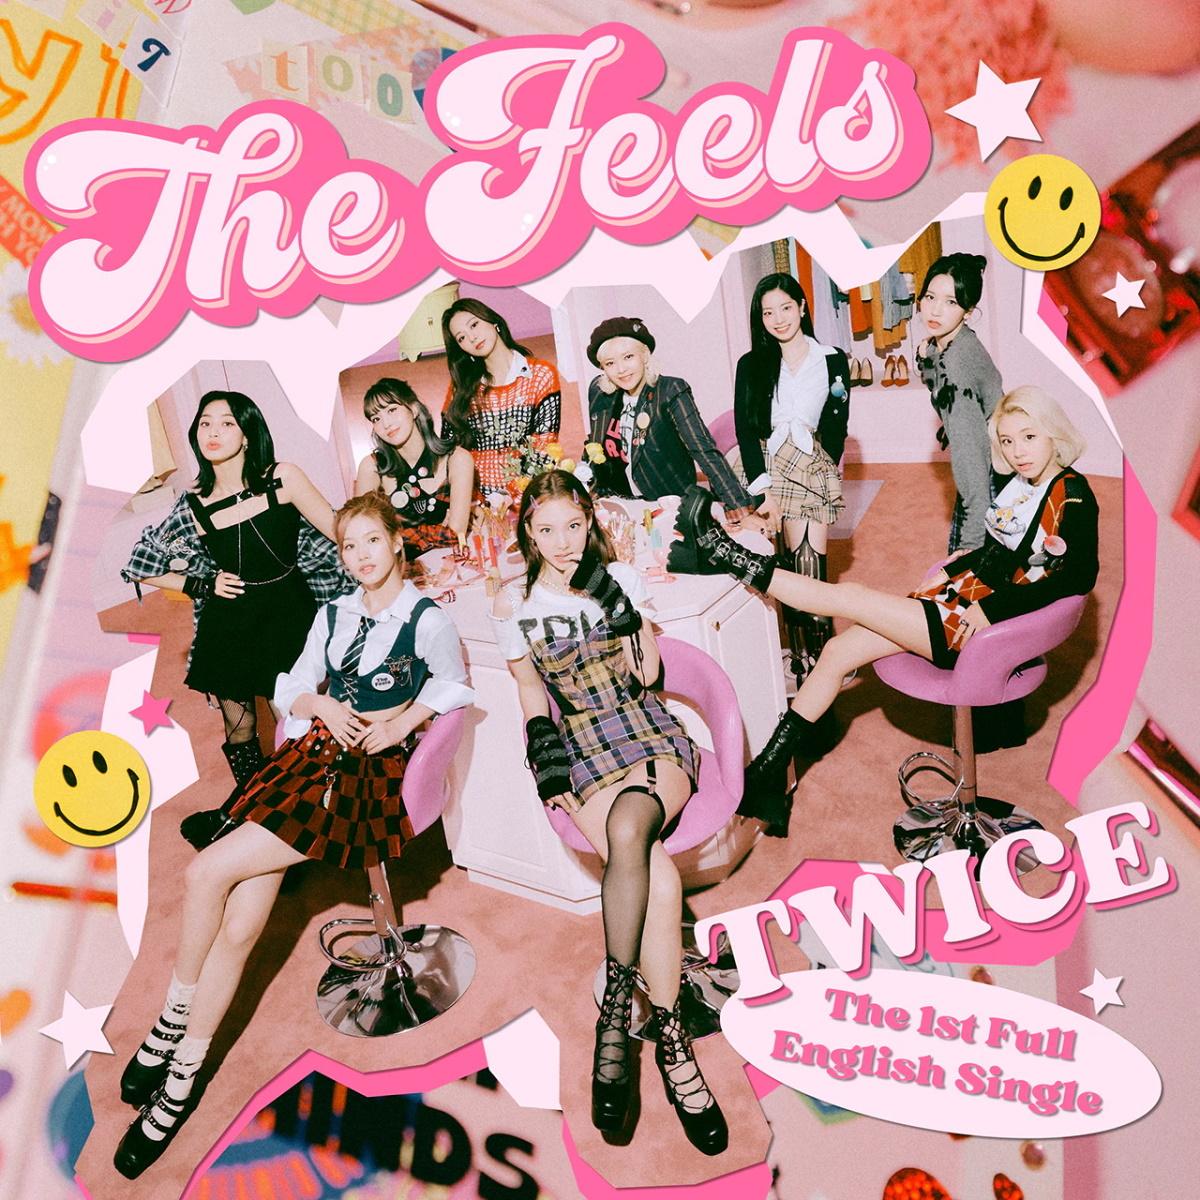 『TWICE - The Feels』収録の『The Feels』ジャケット